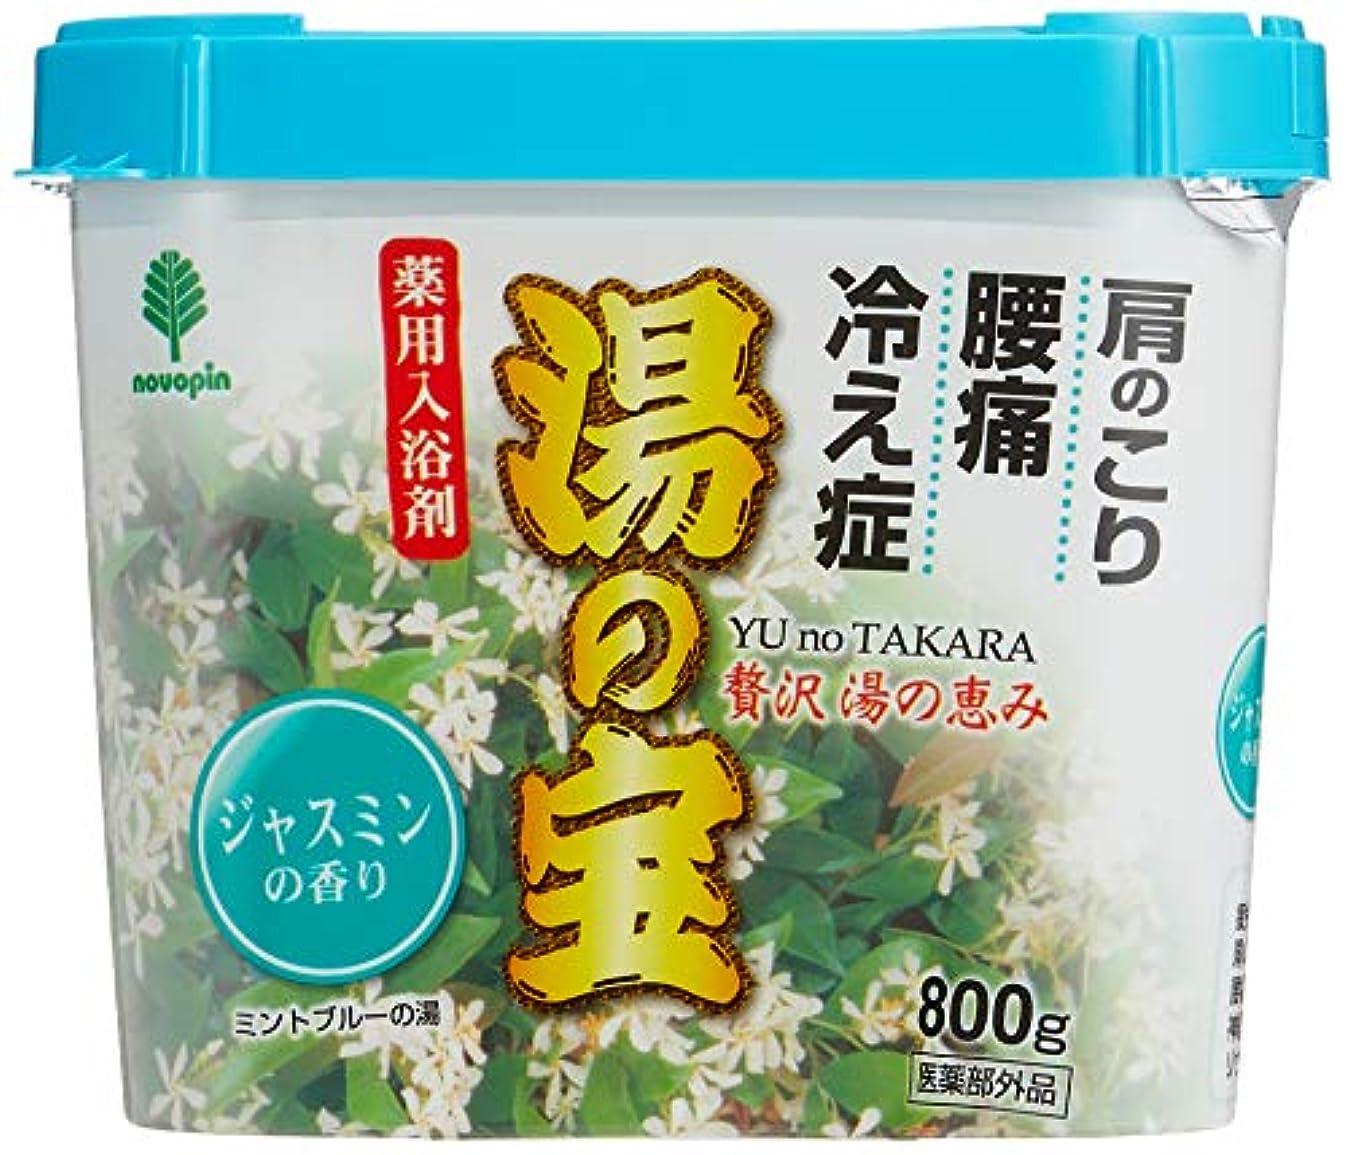 クラックポット契約した浸漬紀陽除虫菊 入浴剤 湯の宝 ジャスミンの香り 800g